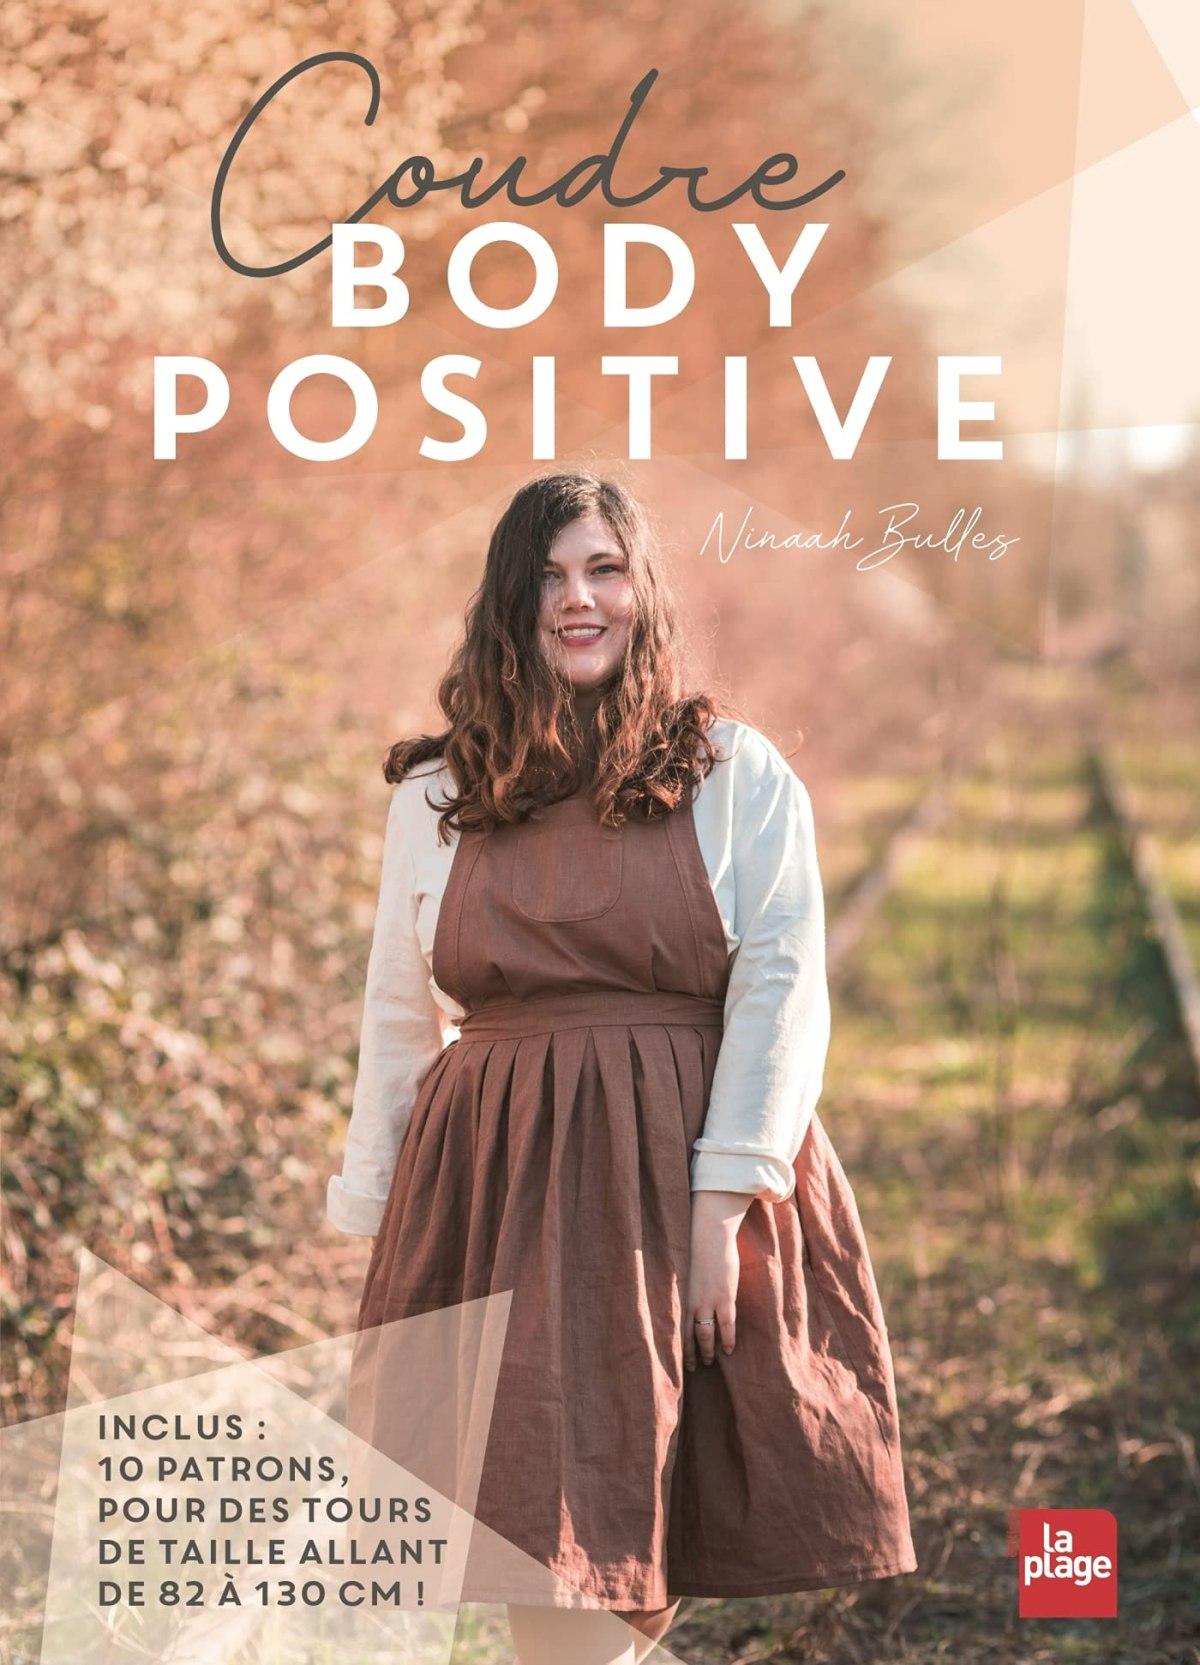 coudre body positive ninaahbulles patrons tour de taille 82 au 130 cm